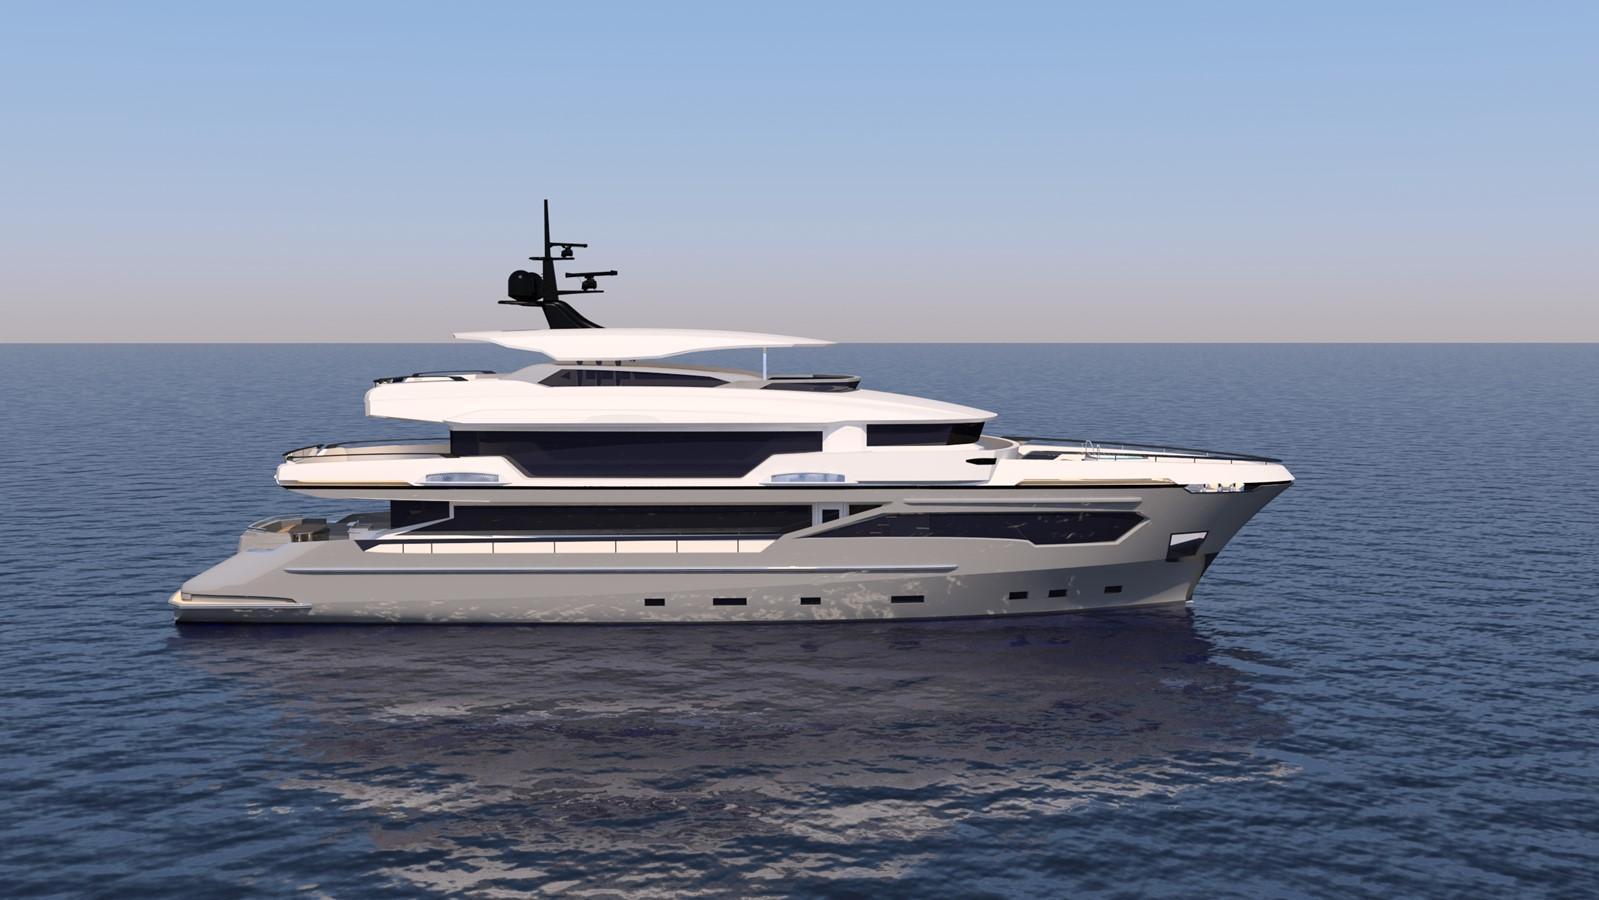 2022 AVA YACHTS Kando 130 Motor Yacht 2091088